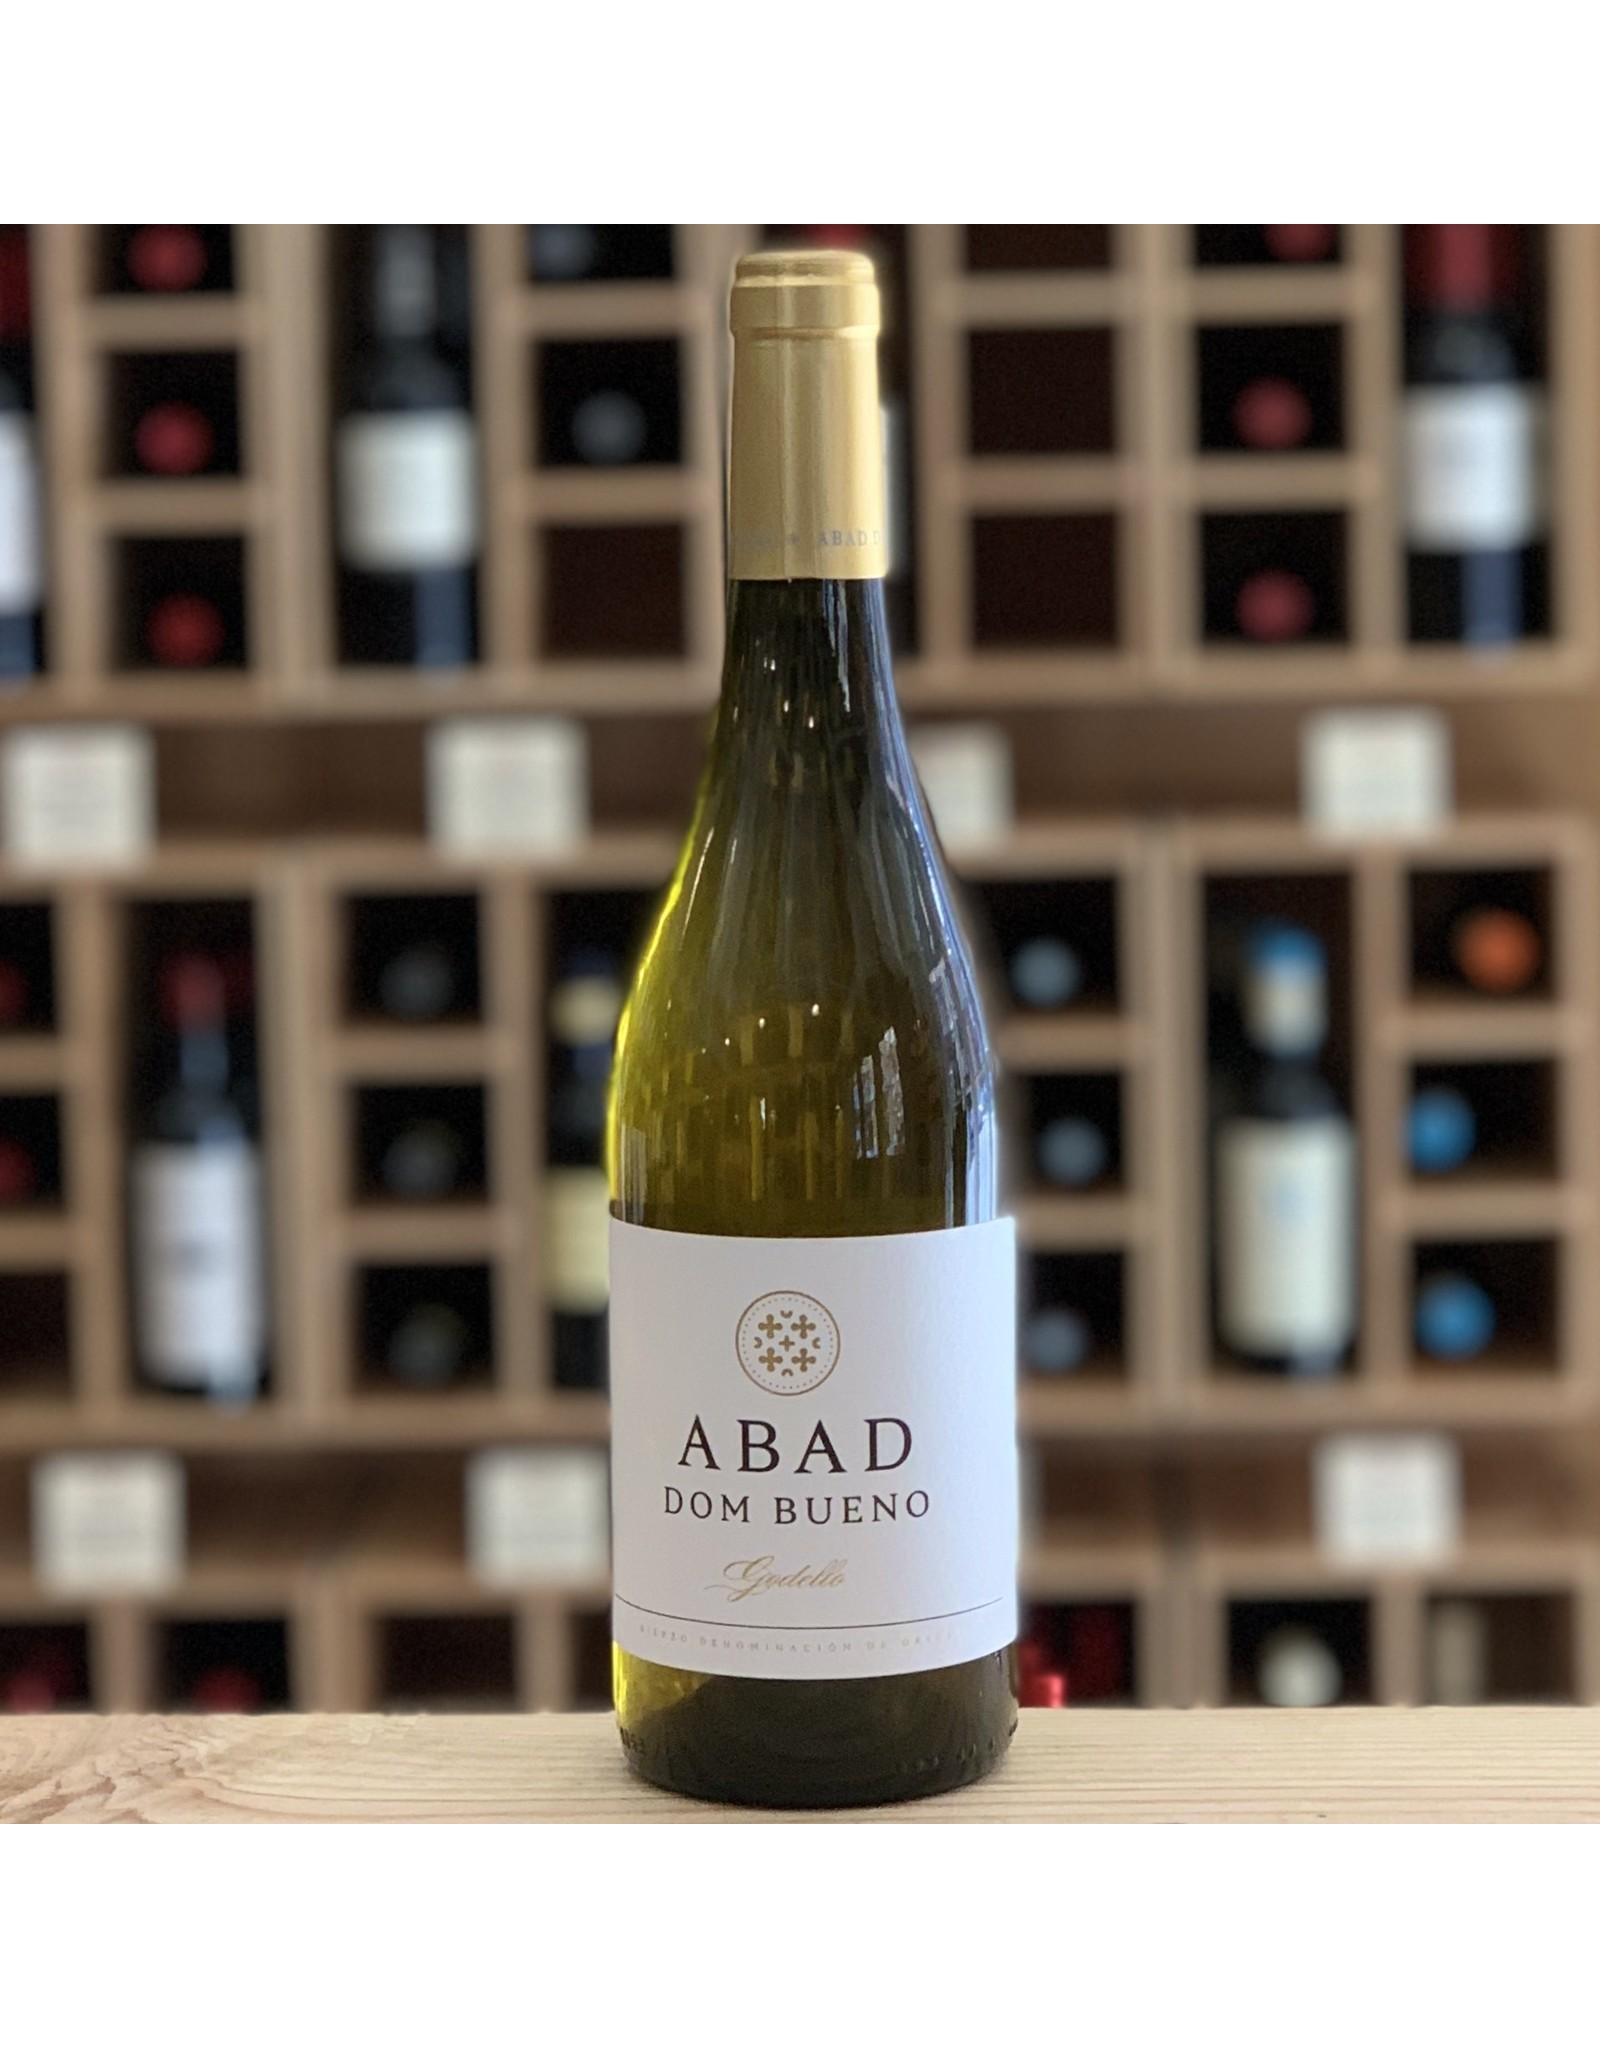 """Spain Bodega del Abad """"Abad dom Bueno"""" Godello 2019 - Bierzo, Spain"""